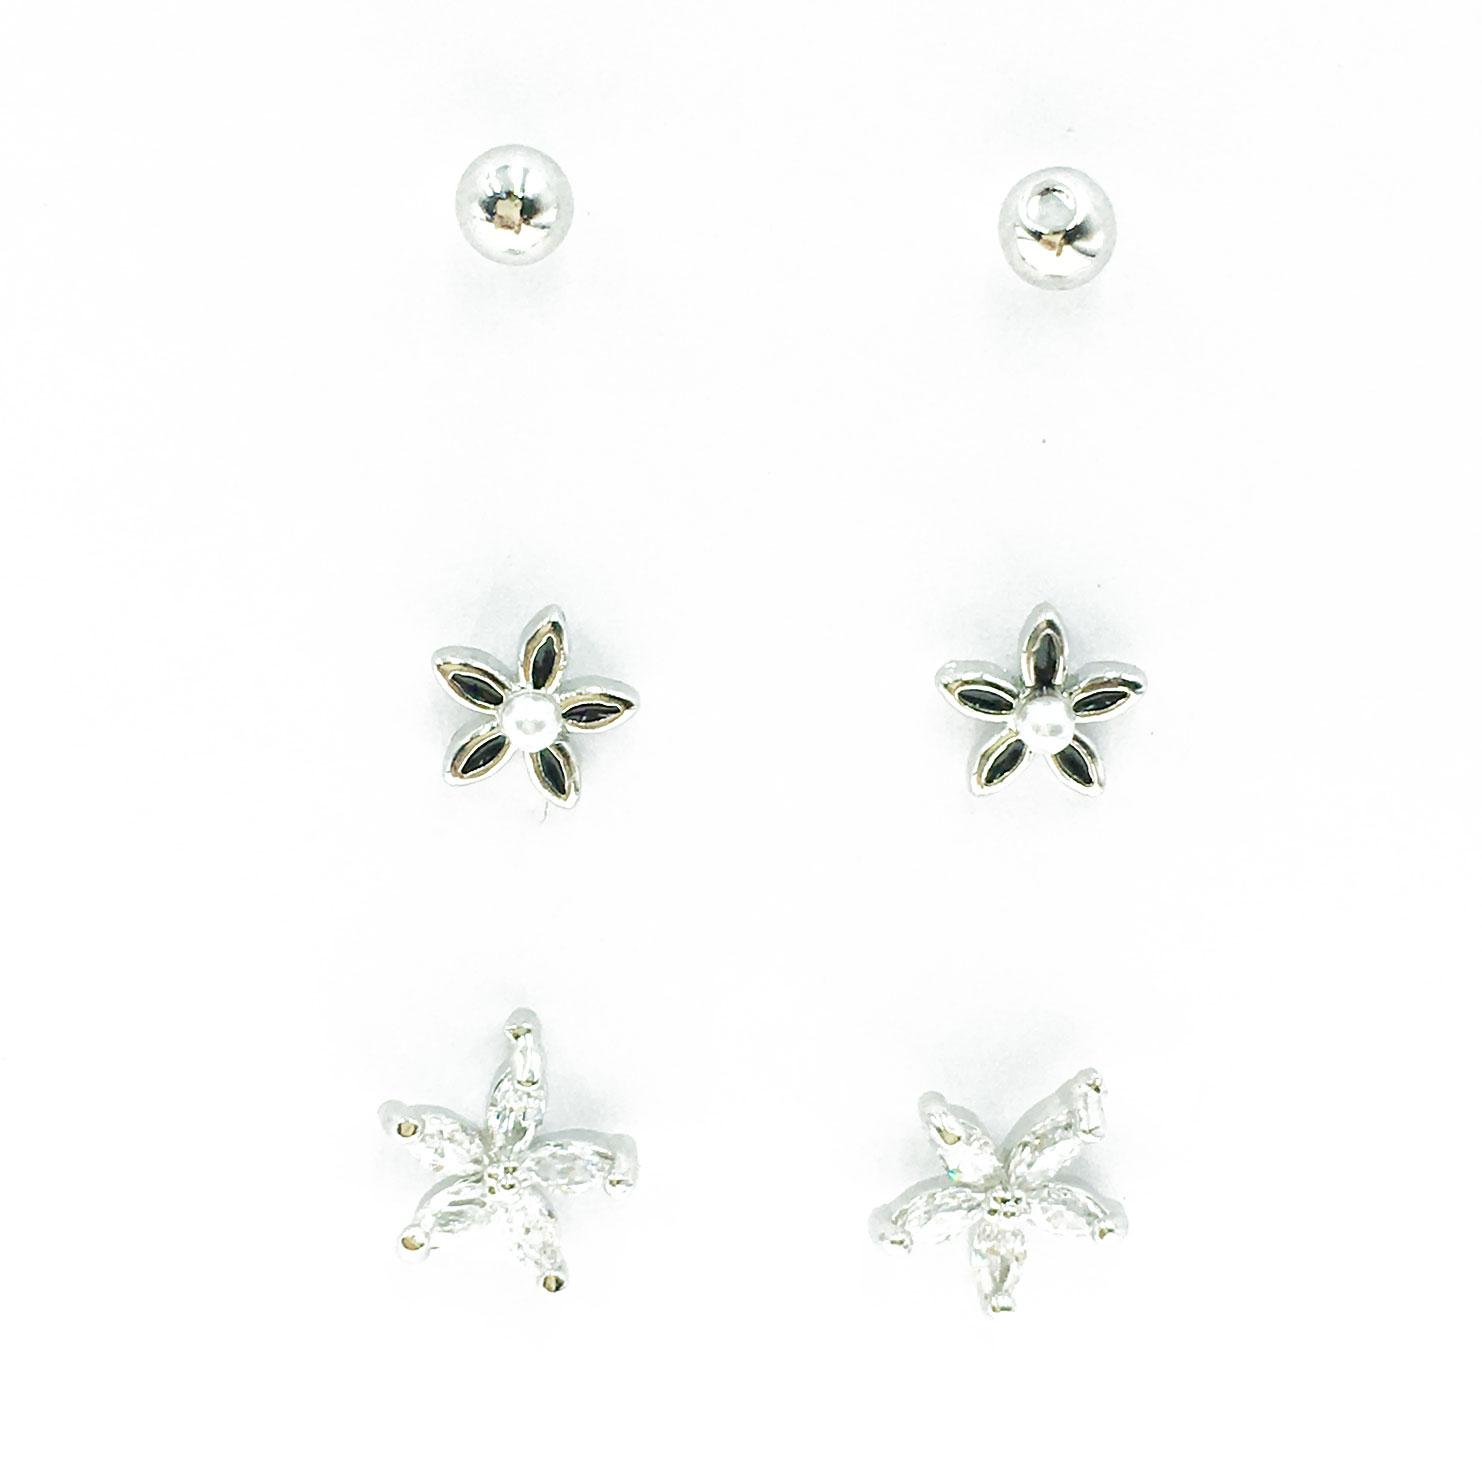 韓國 925純銀 水鑽 珍珠 花朵 6入組 耳針式 耳環